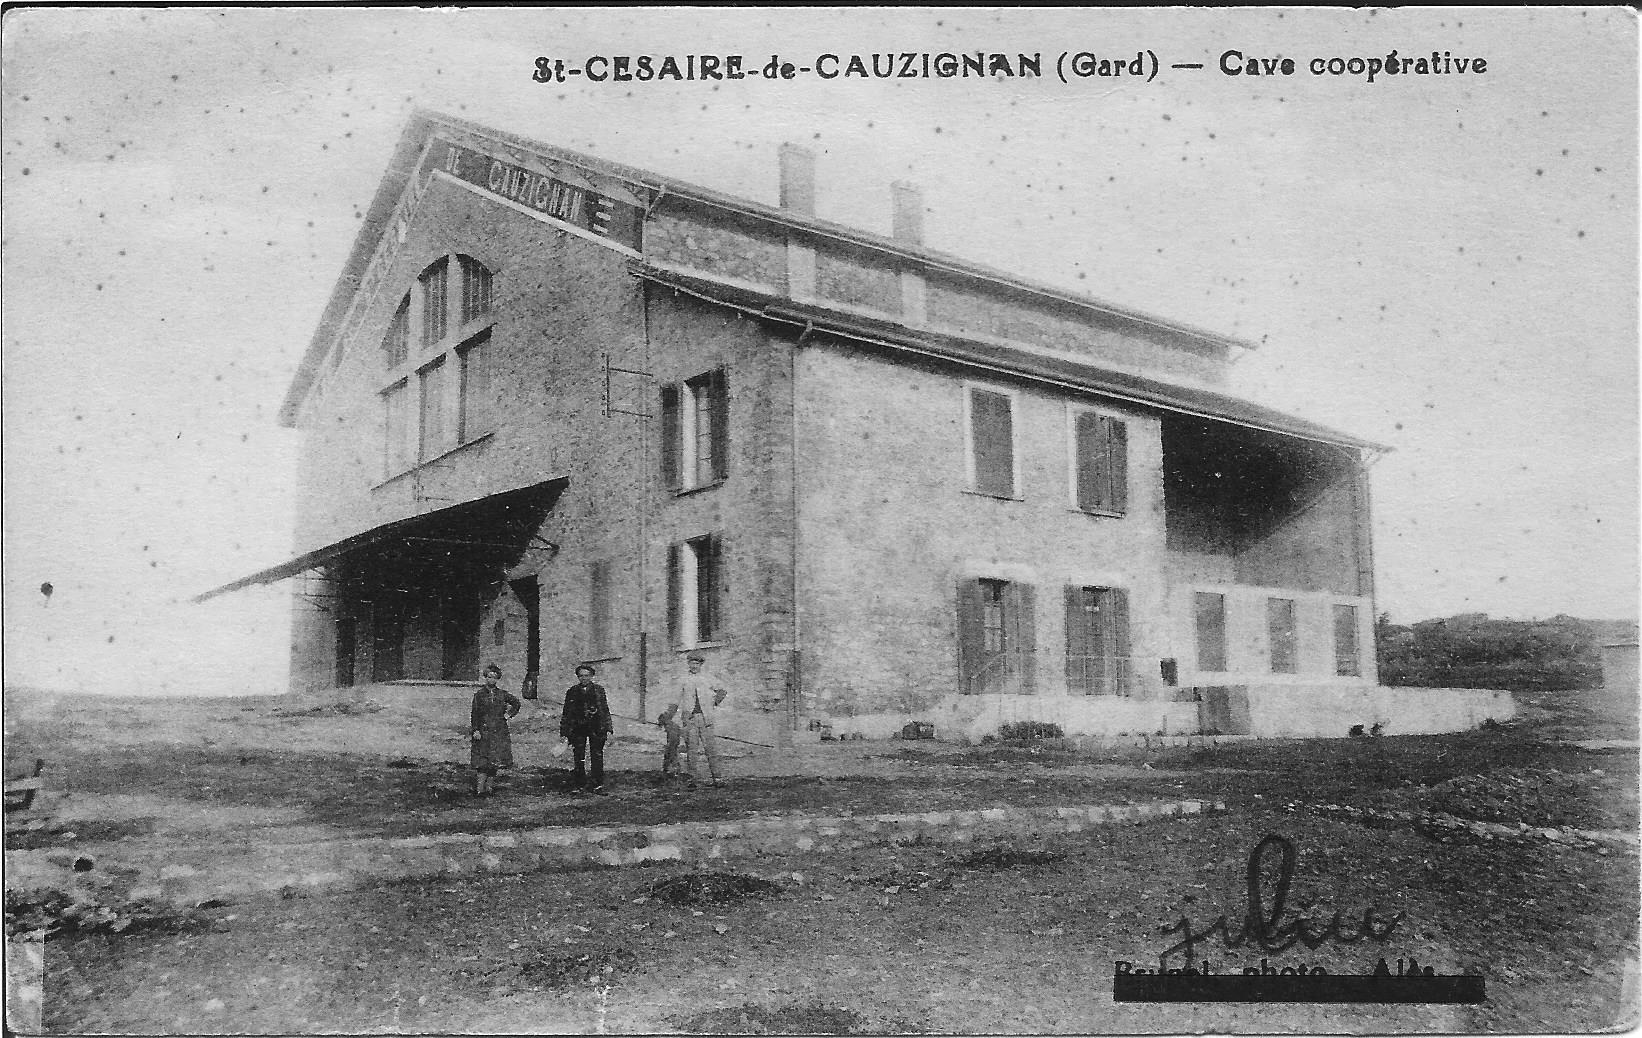 02 St Césaire cave coopérative.jpg